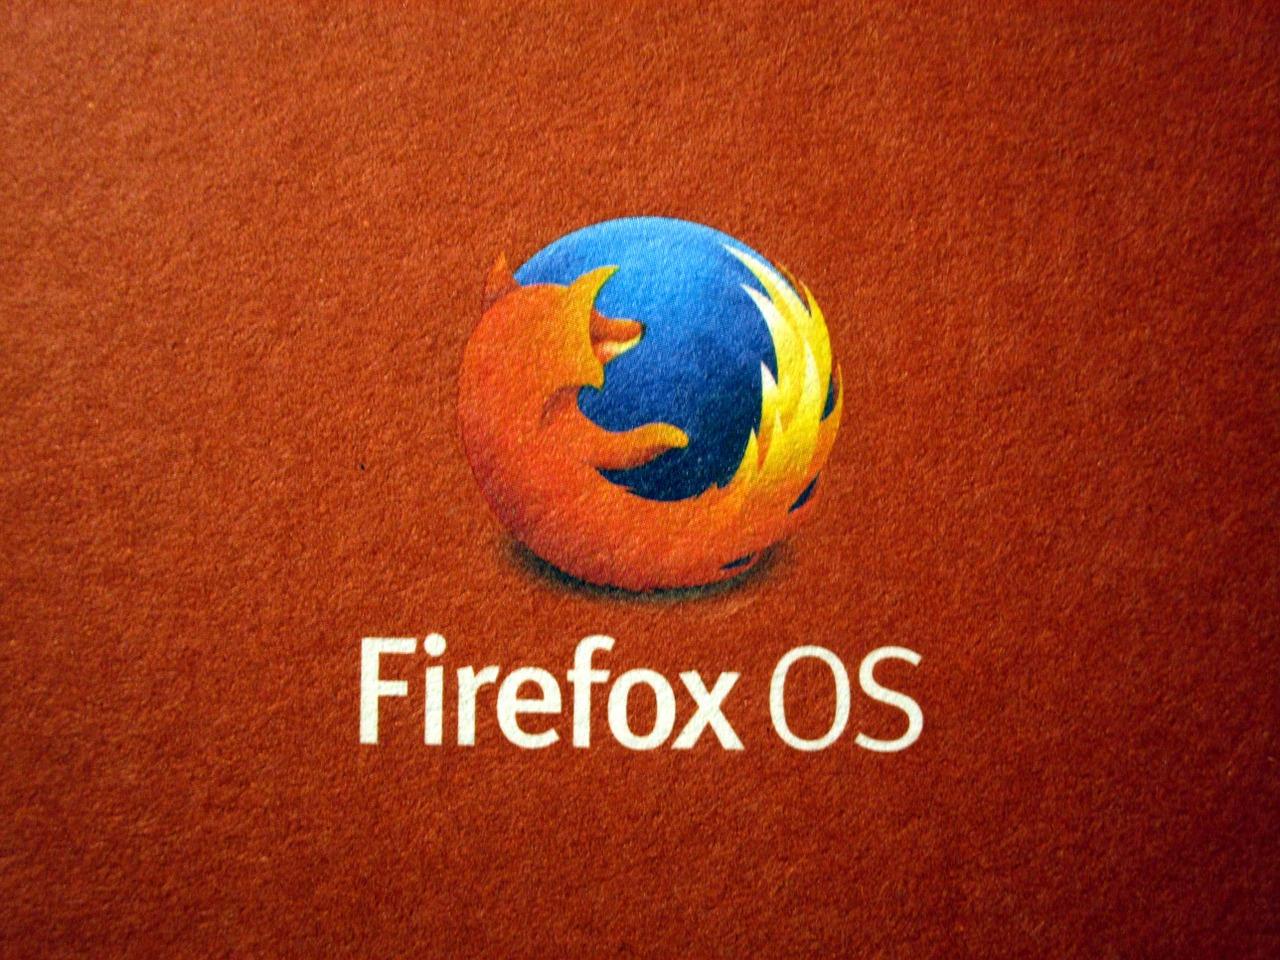 firefox 1210300 1280